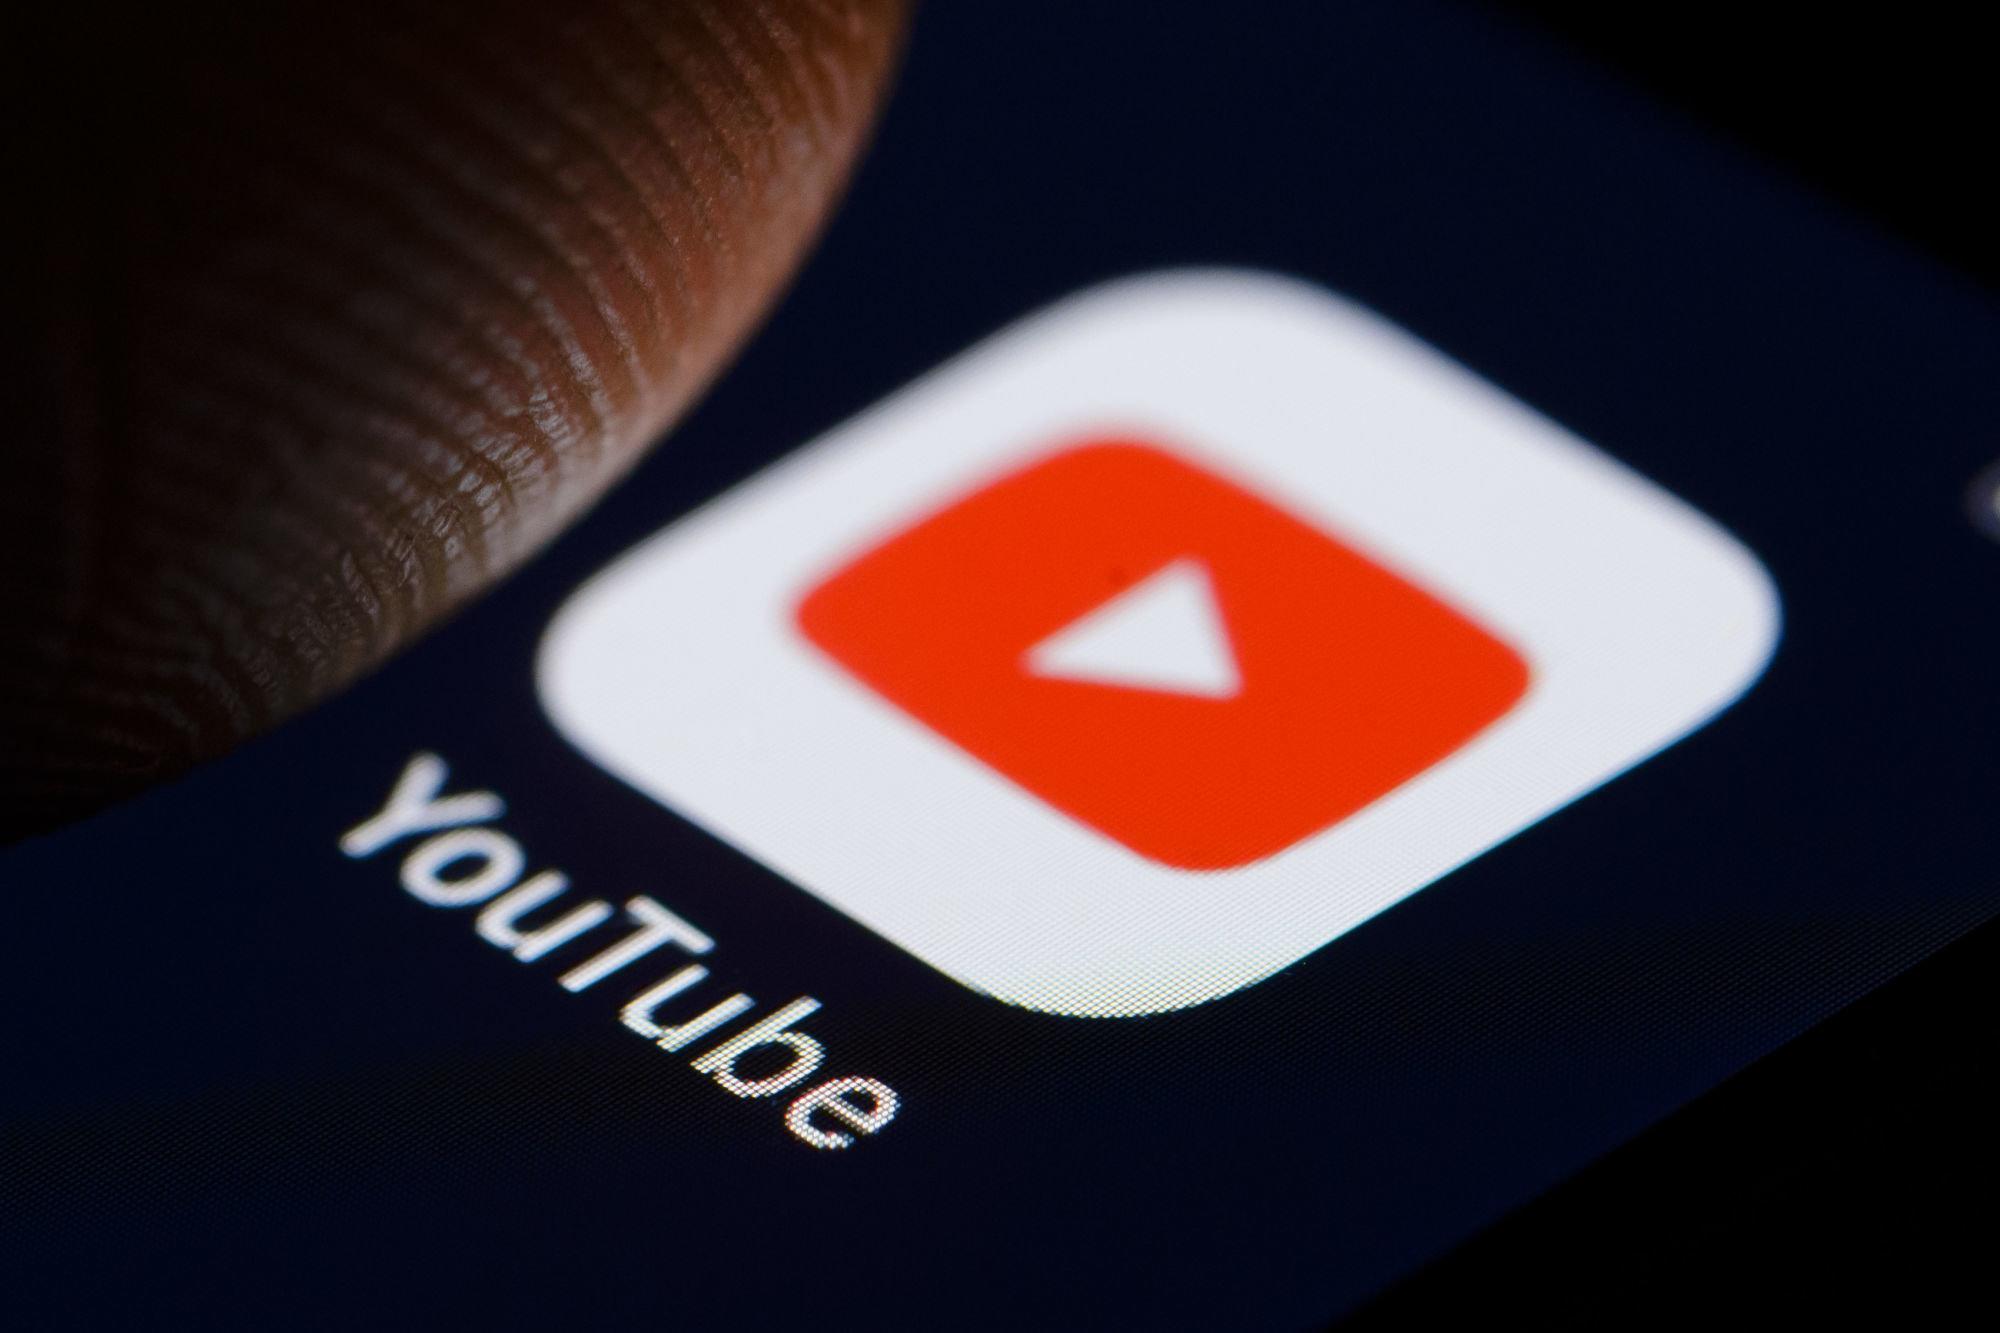 """Photo of يوتيوب تبدأ باختبار علامة التبويب """"الاستكشاف"""" في تطبيقها على أندرويد"""